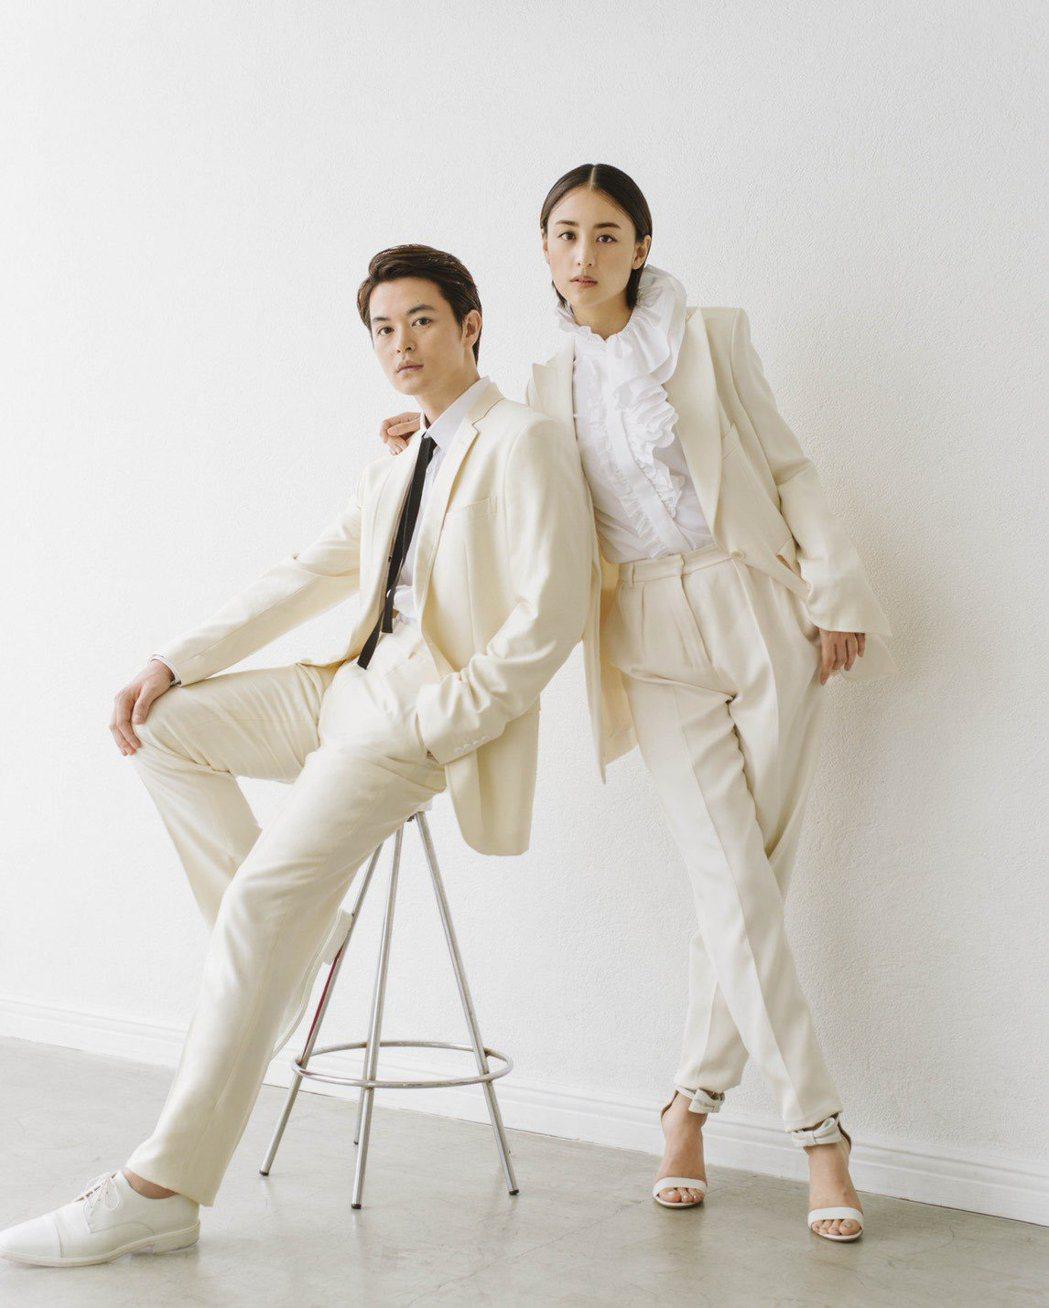 山本美月和瀨戶康史決定共組家庭。圖/摘自推特